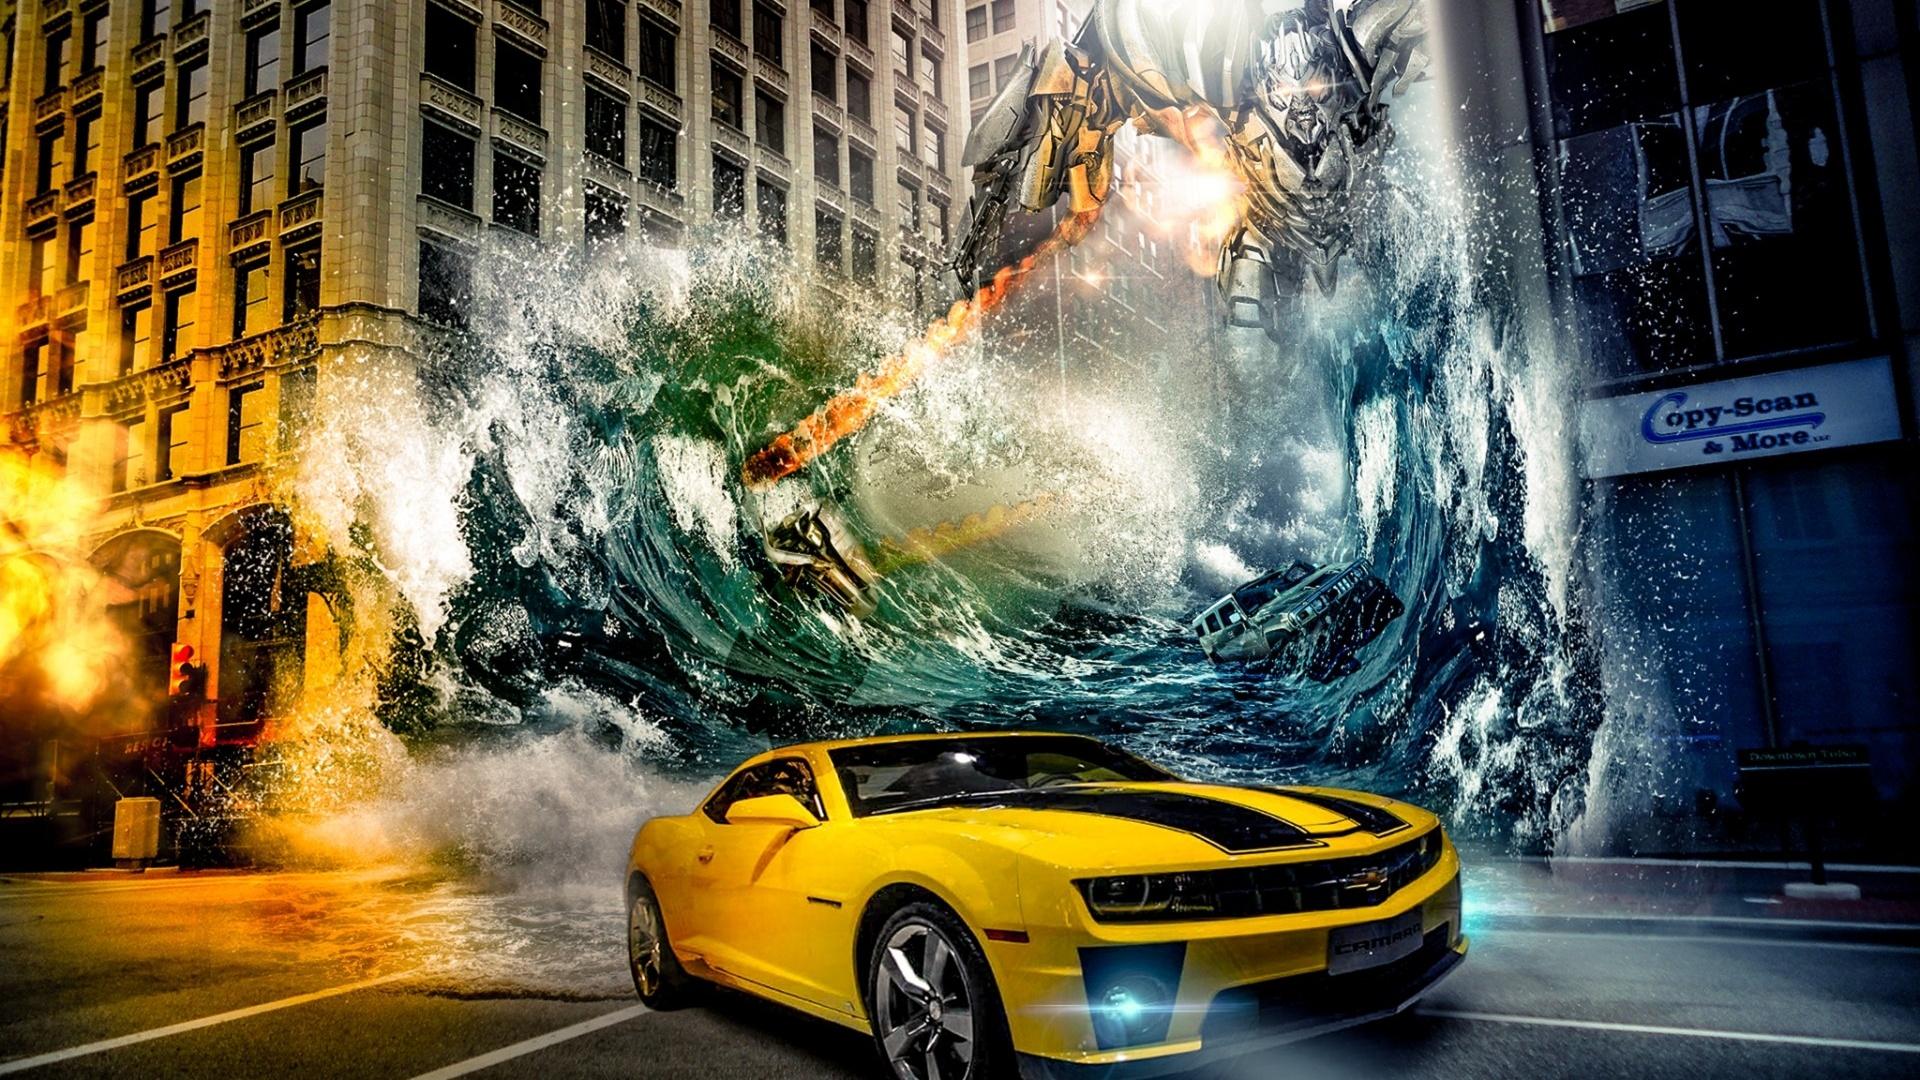 Transformer Wallpaper 34